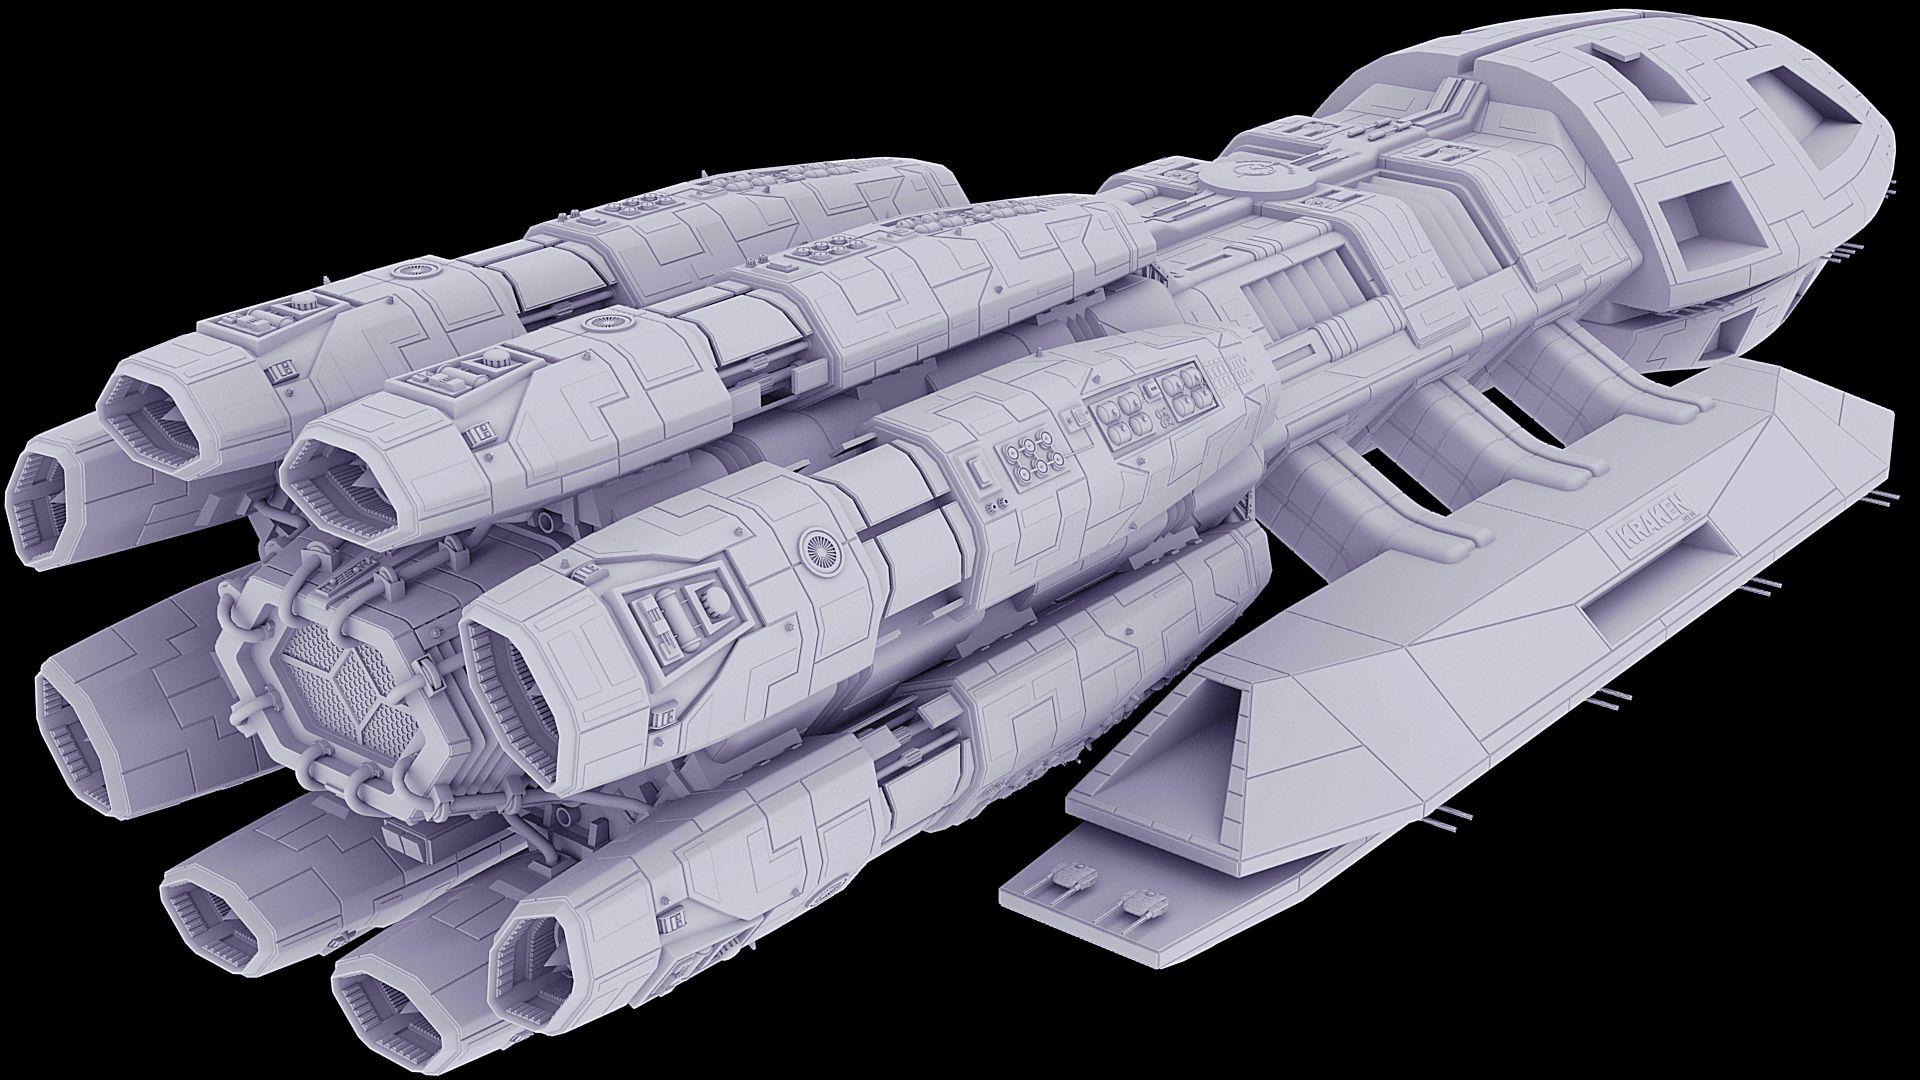 F3D-Kraken 26d - Detailing the Midsection Complete by Greywolf-Starkiller